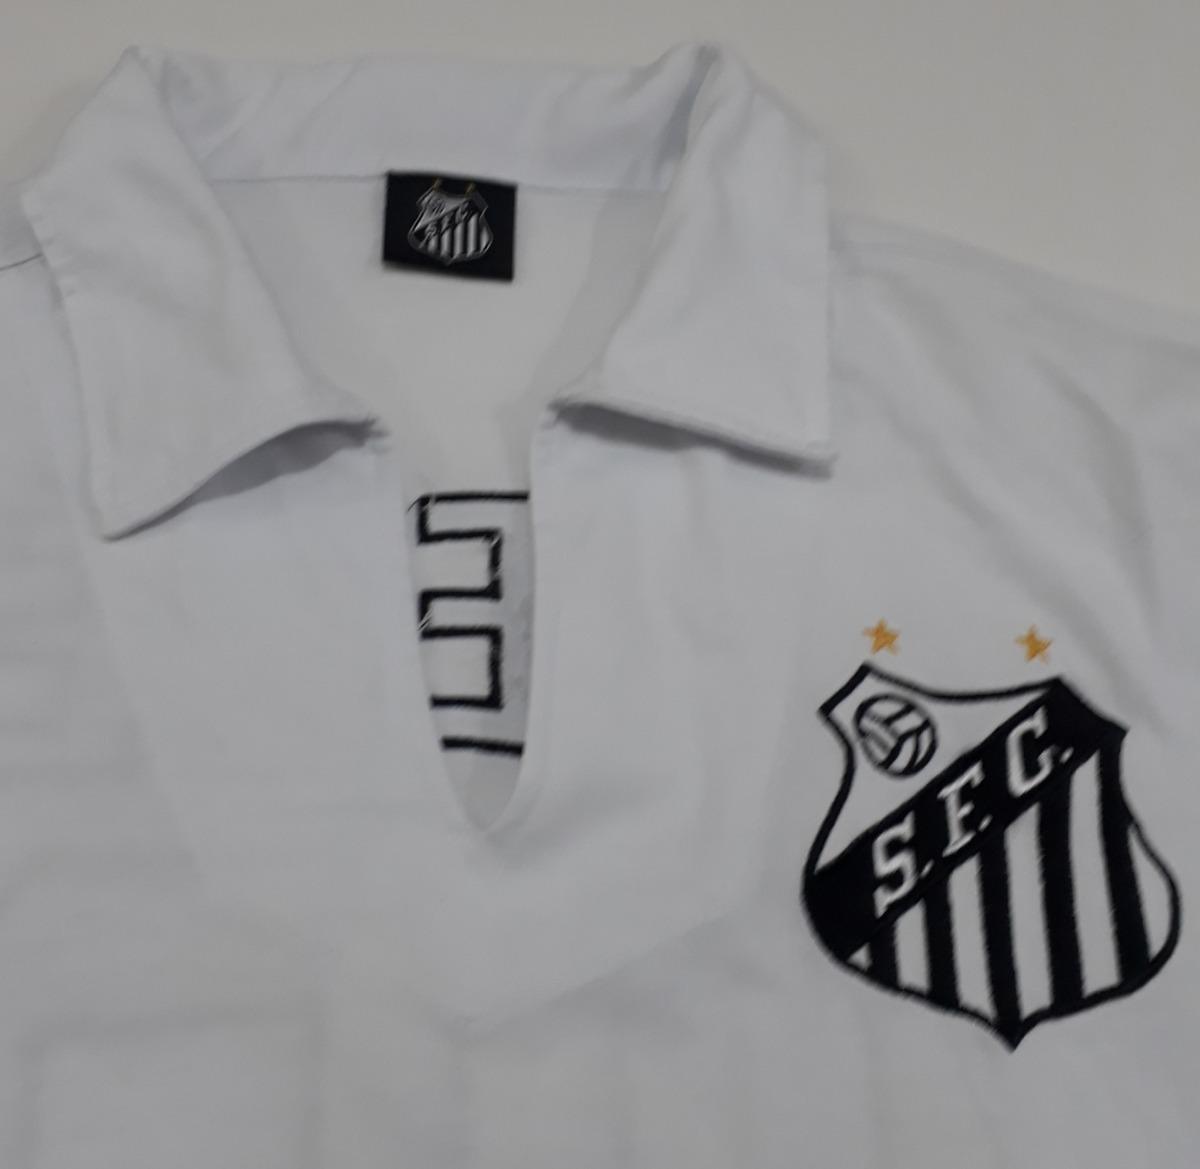 c04373ccfe Camisa Santos Do Rei Pelé Algodão Nova Retrô - Pd - R$ 120,00 em ...